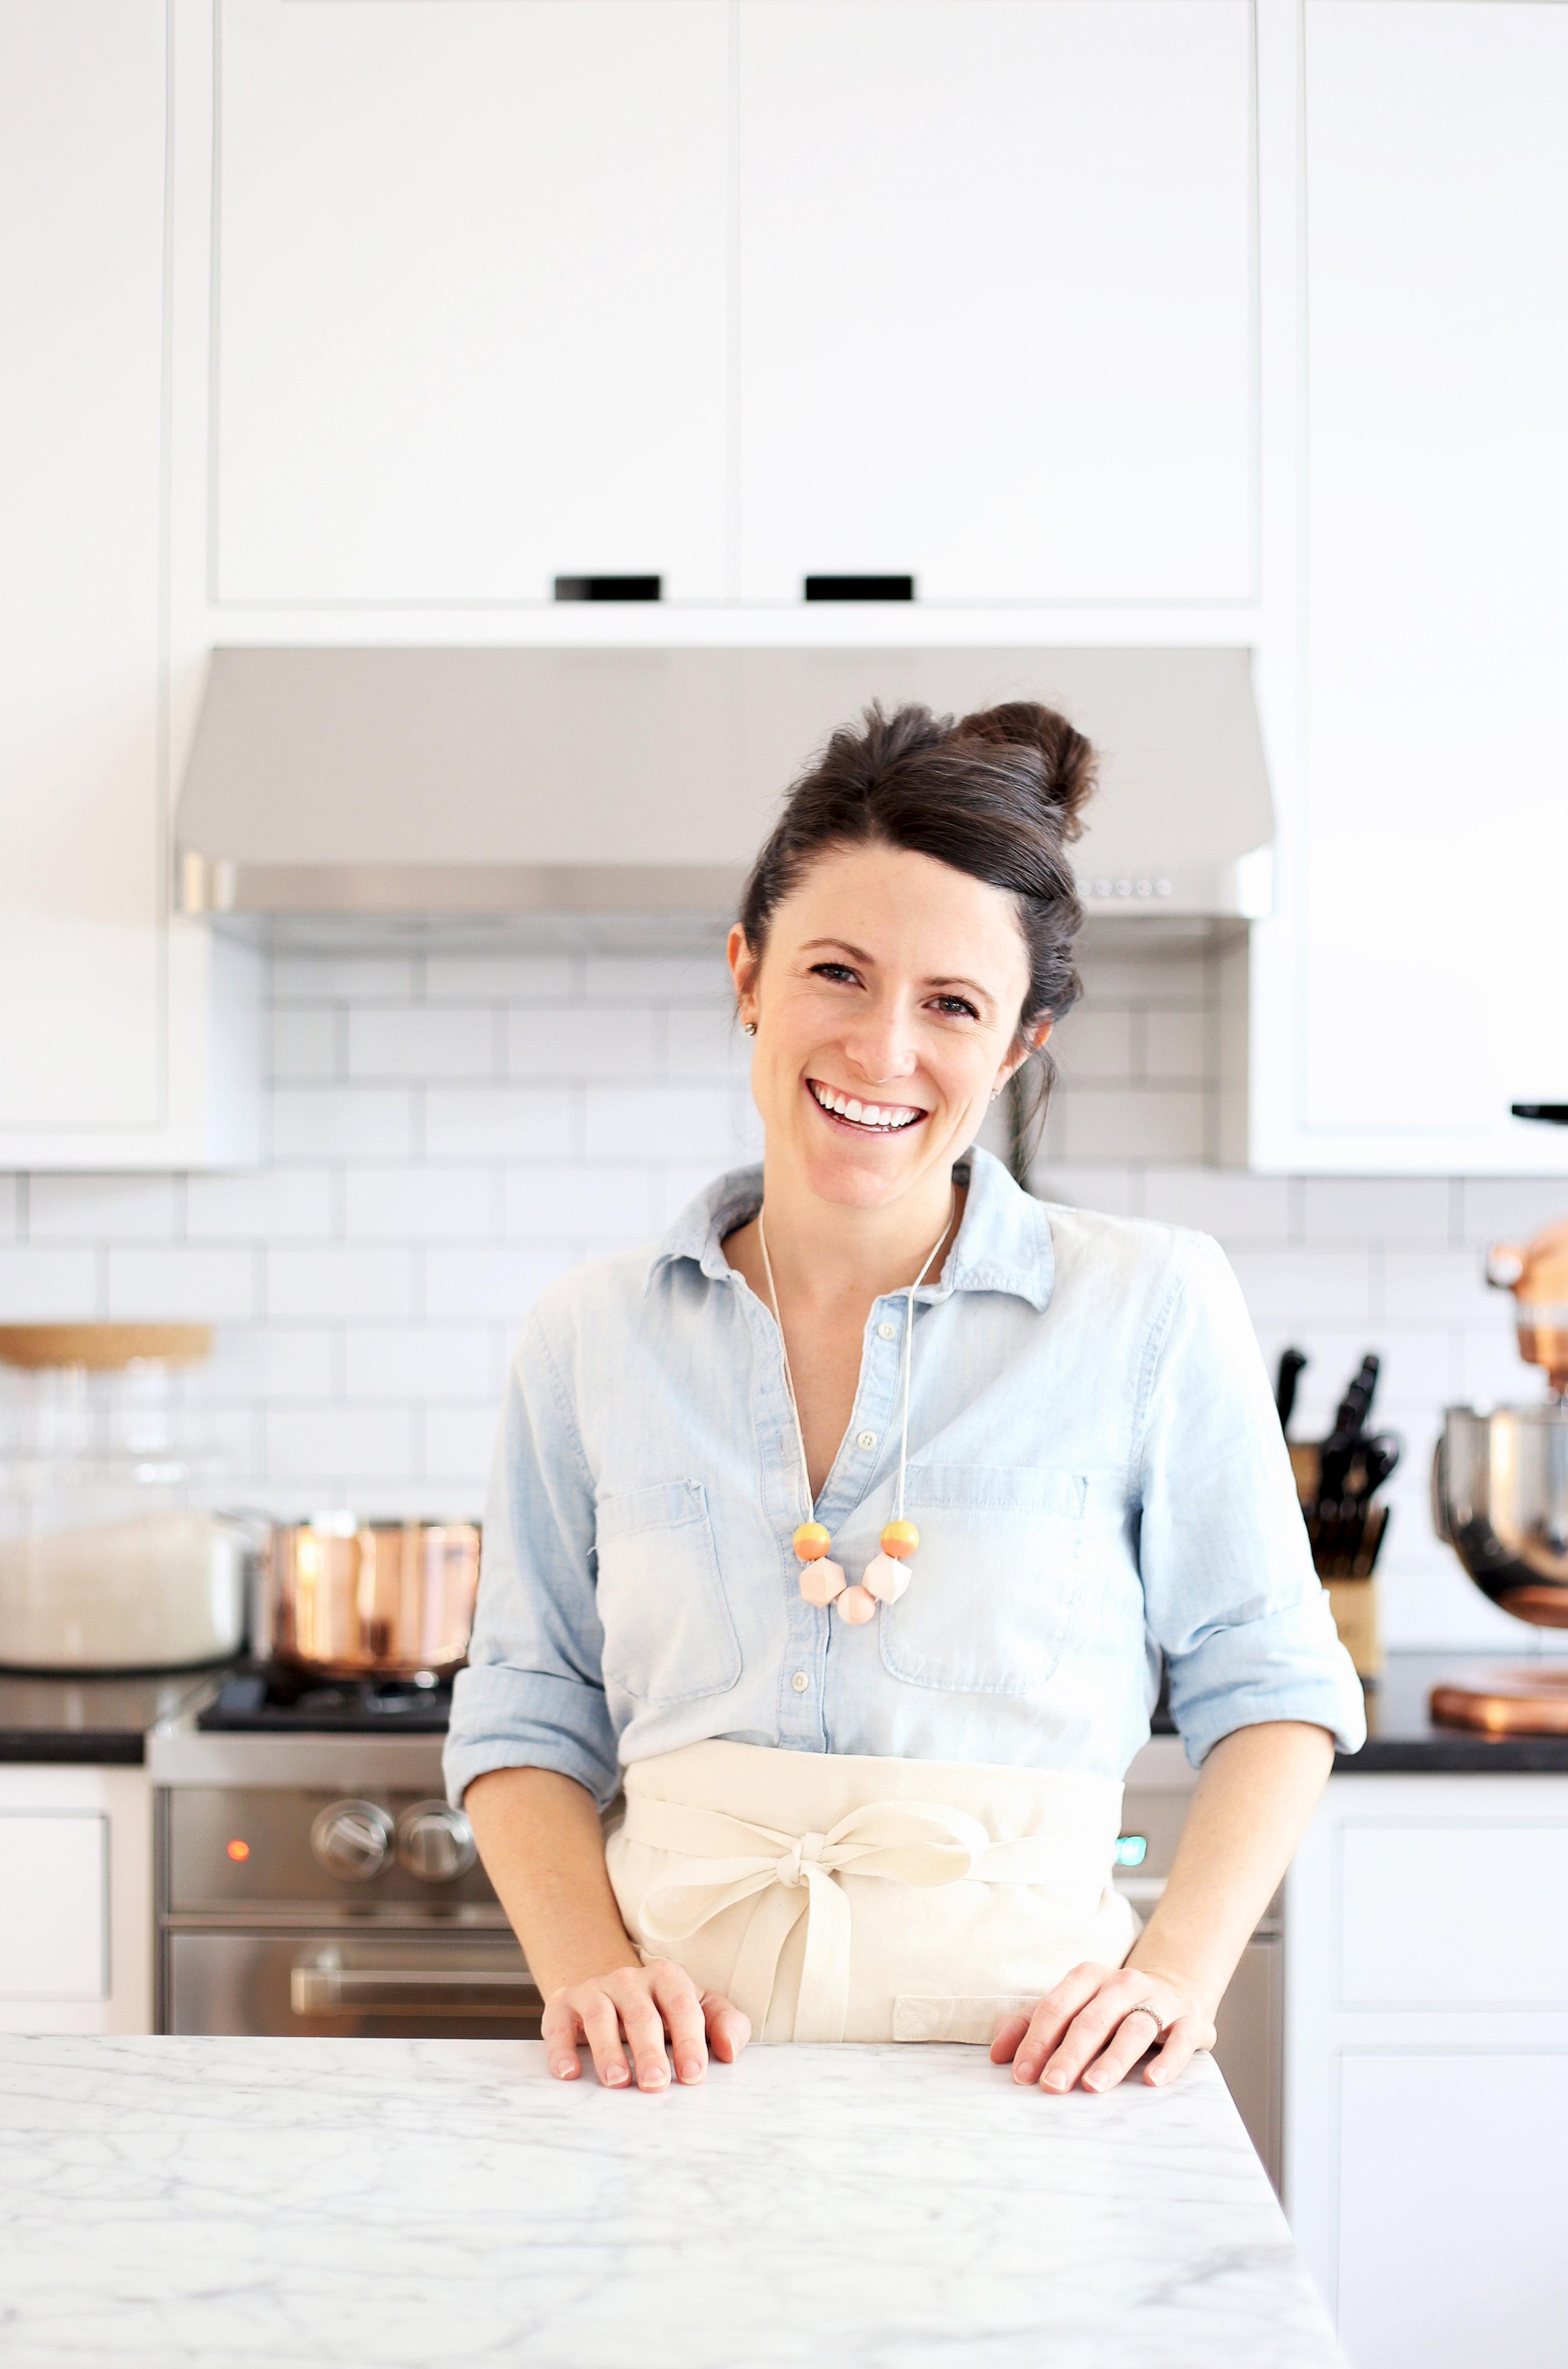 Melissa Coleman/The Minimalist Kitchen